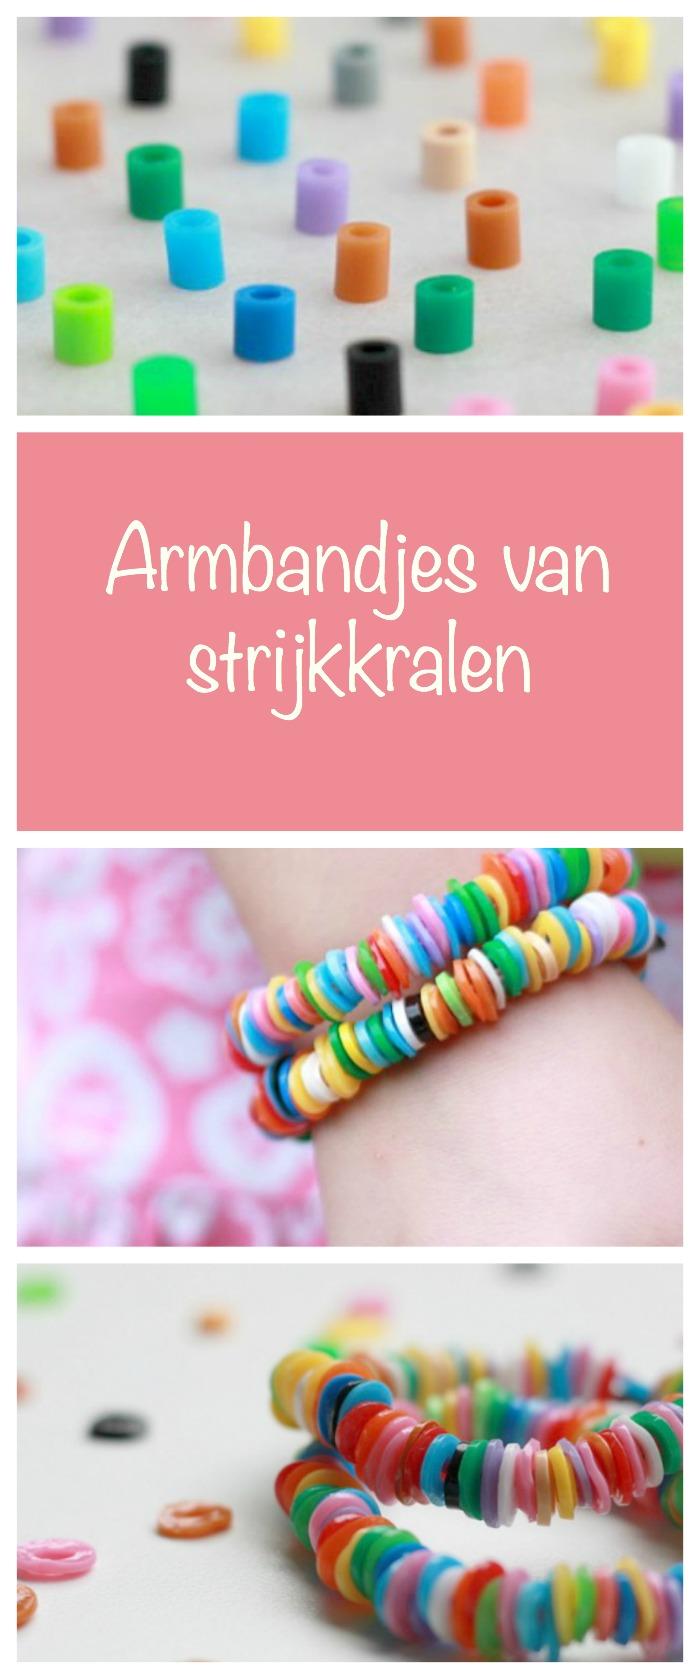 strijkkralen armbandjes maken, knutselen met kinderen, crafts for kids, hamabeads